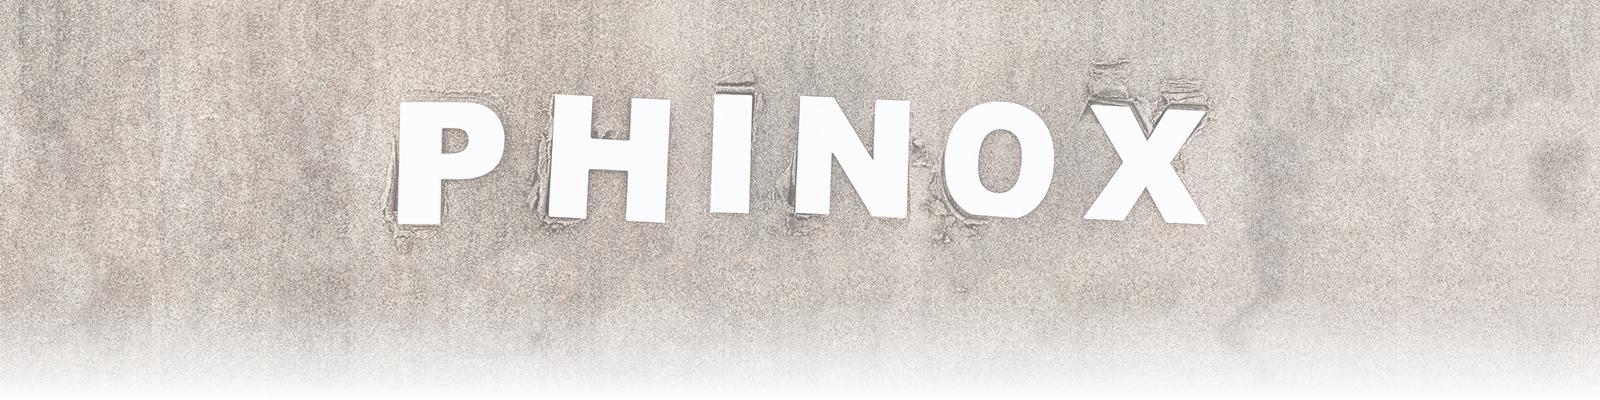 Phinox Verbetermanagement en Interim-manager pagina afbeelding